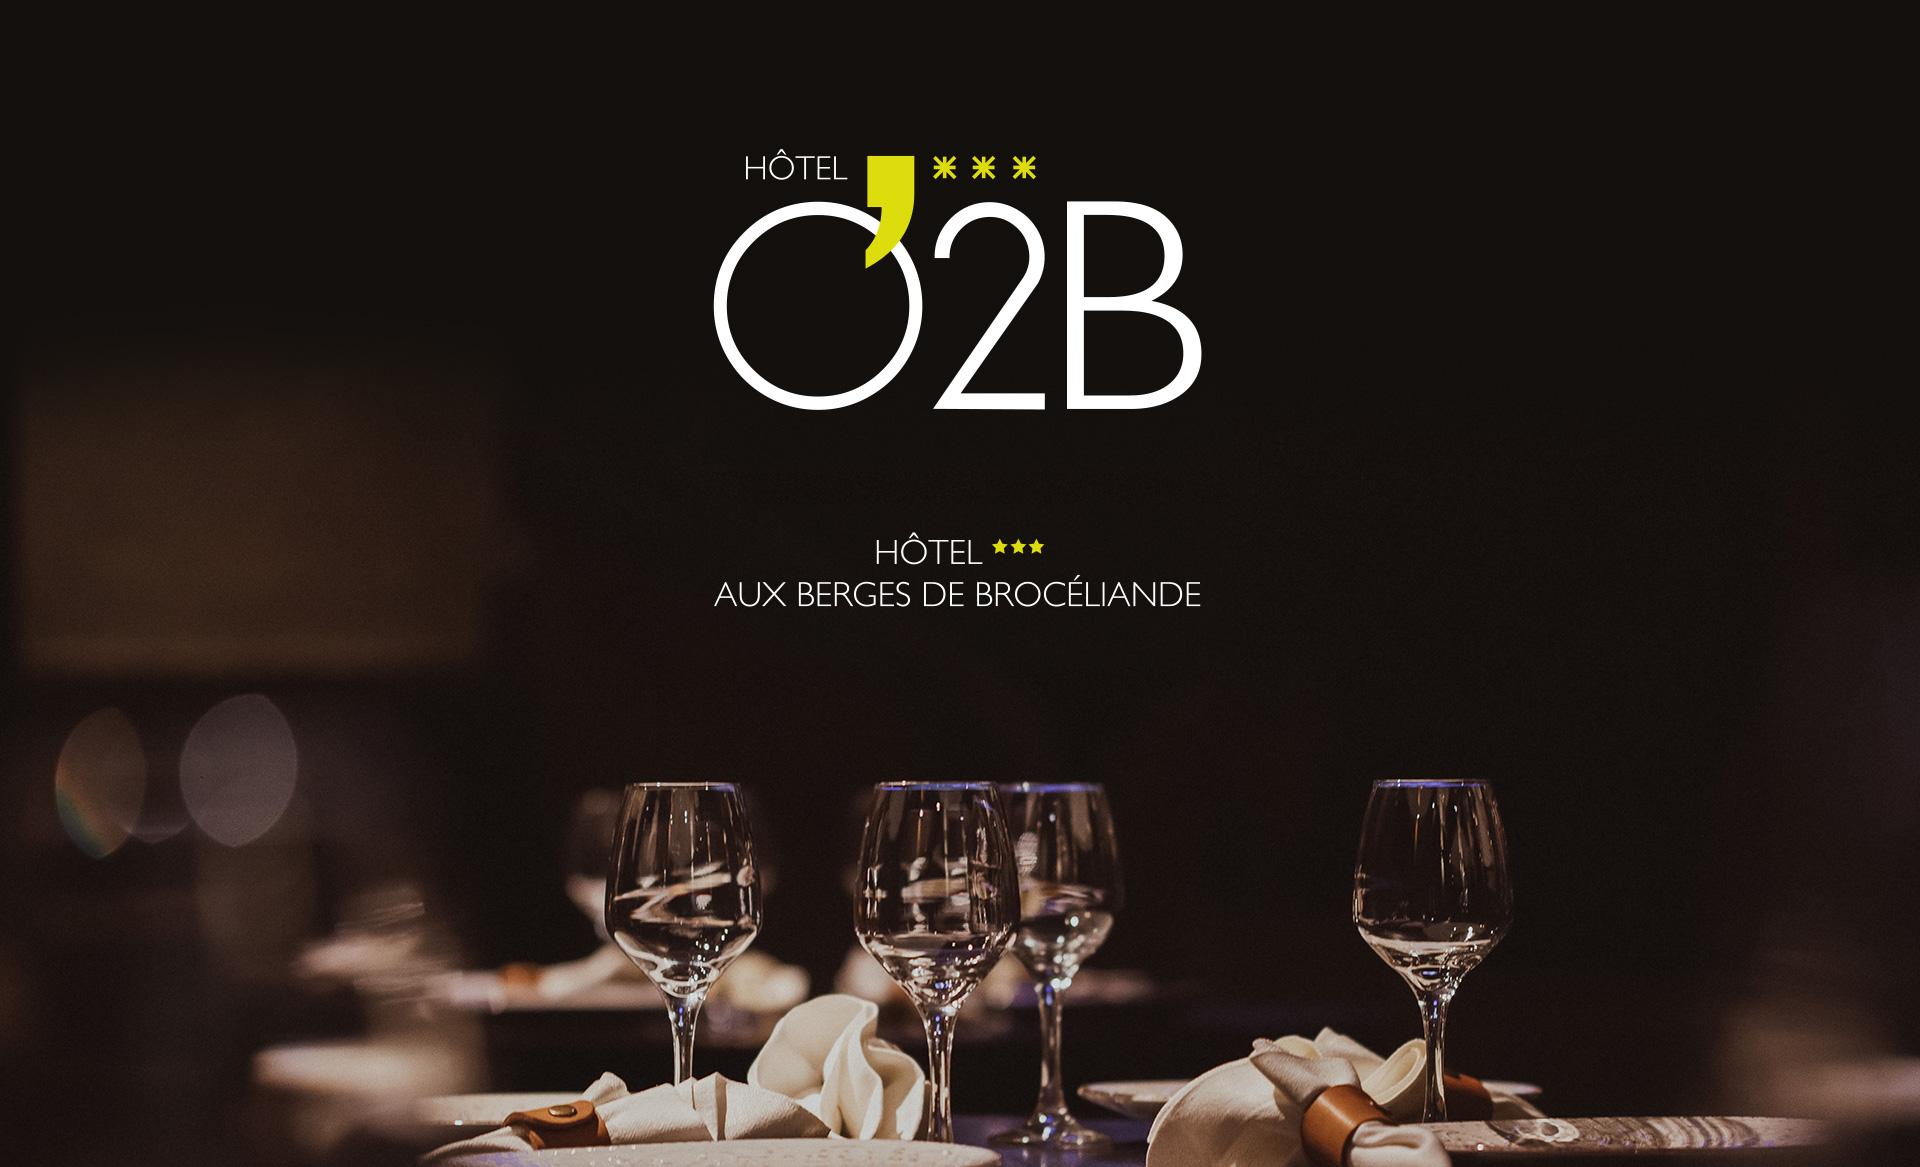 O2B – Aux Berges de Brocéliande